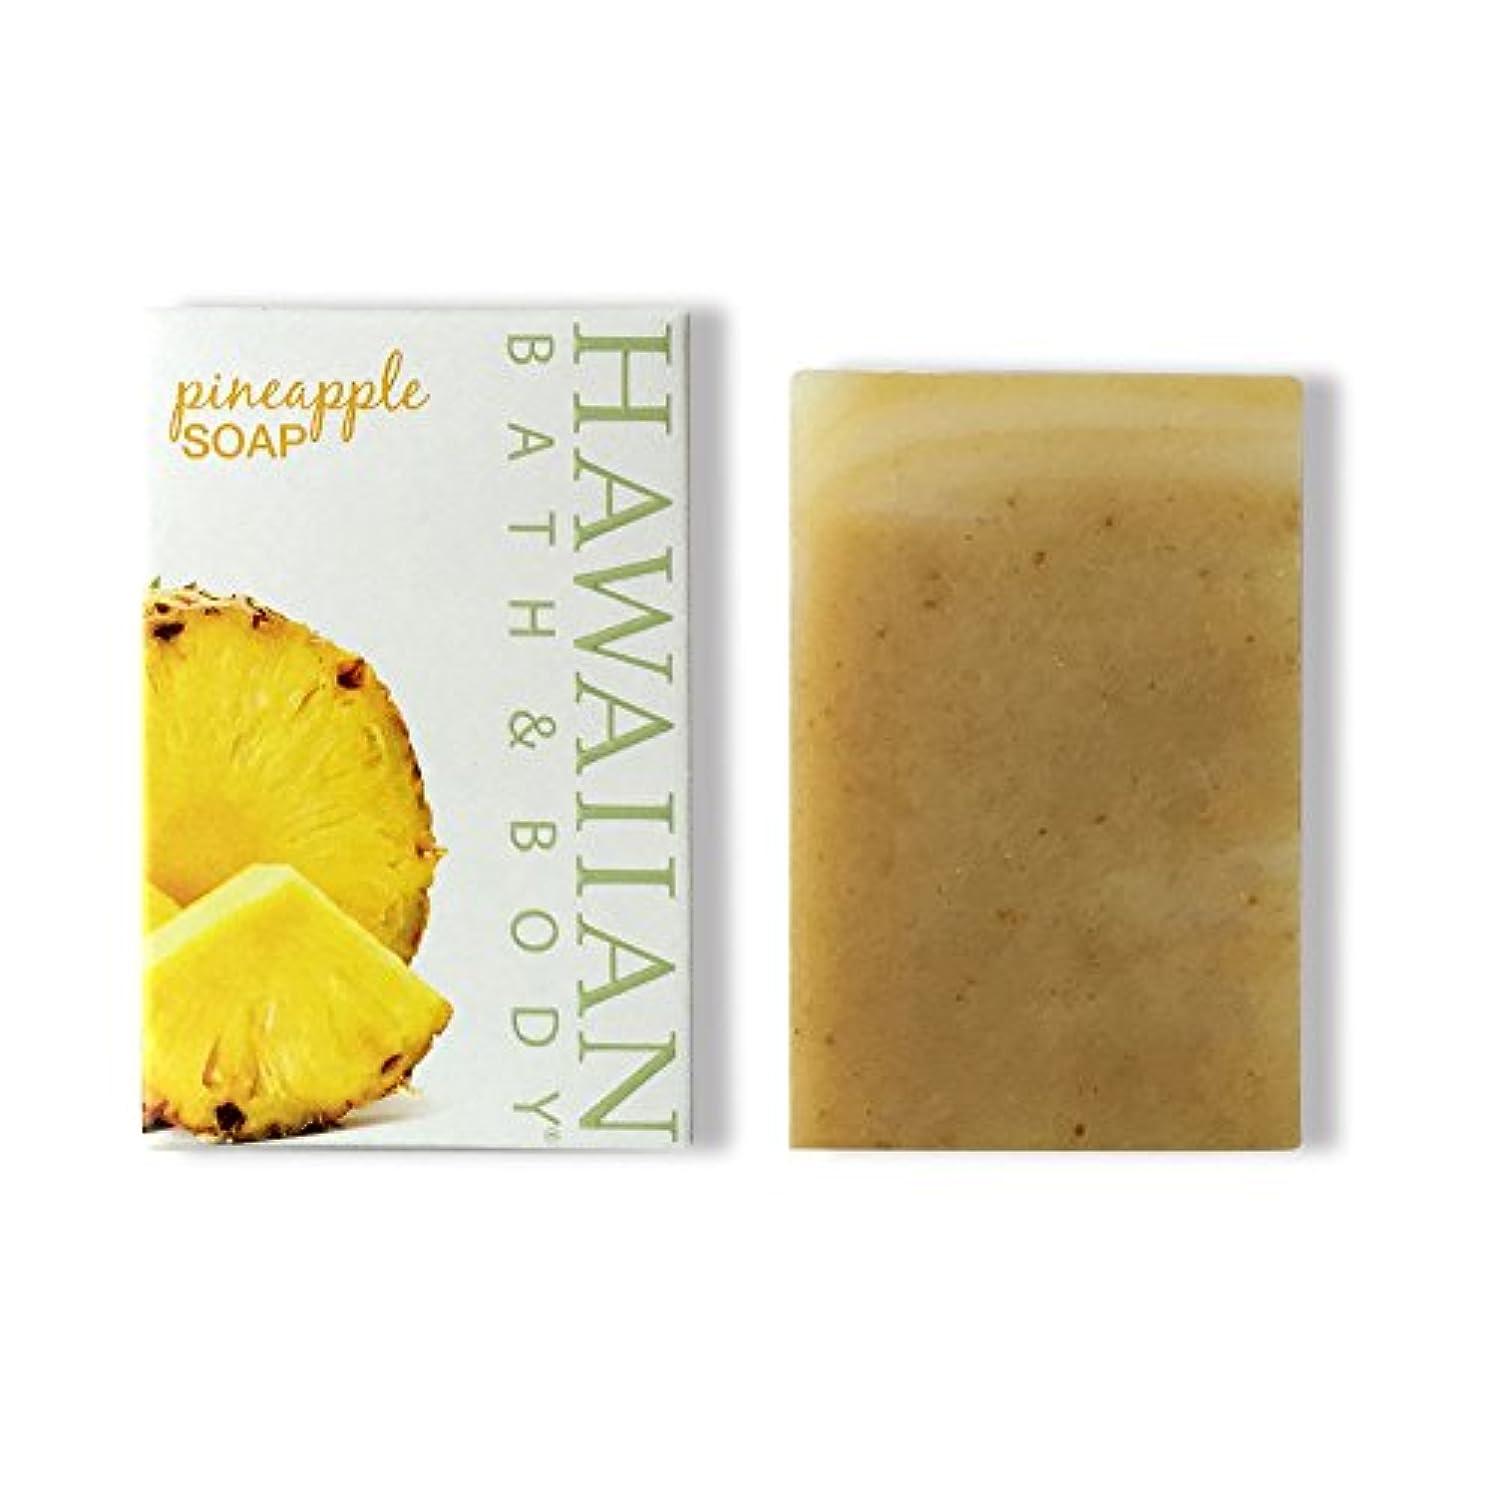 ラウンジ刺しますフェリーハワイアンバス&ボディ ハワイ?パイナップルソープ ( Pineapple Soap )